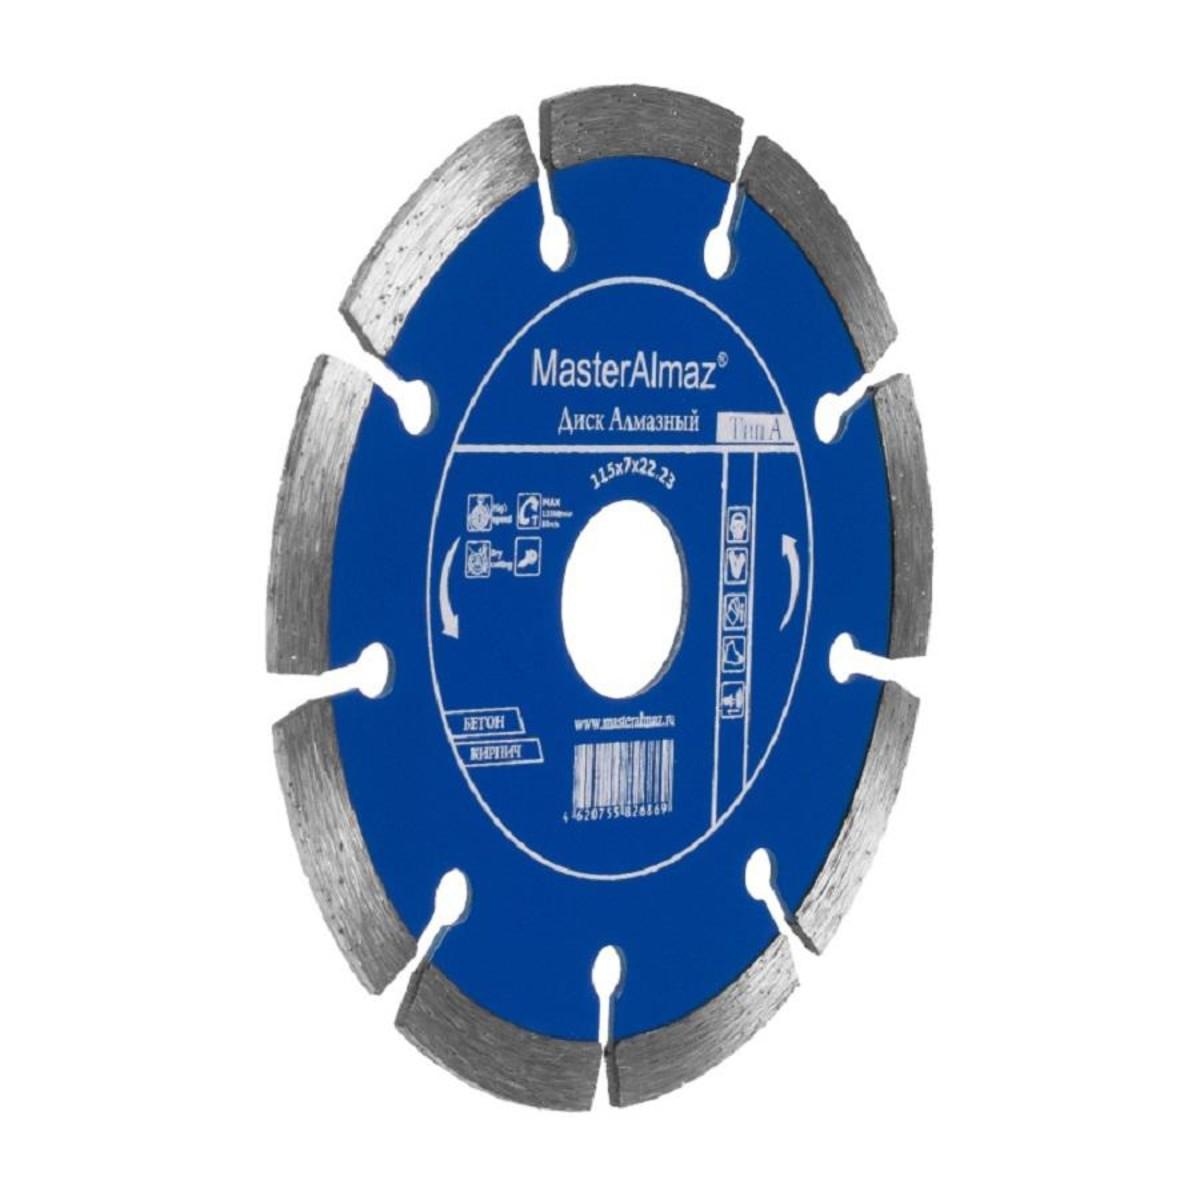 Диск Алмазный Мастералмаз Pro (Тип А) 400Х10Х254 По Асфальту И Плитке Сегментный